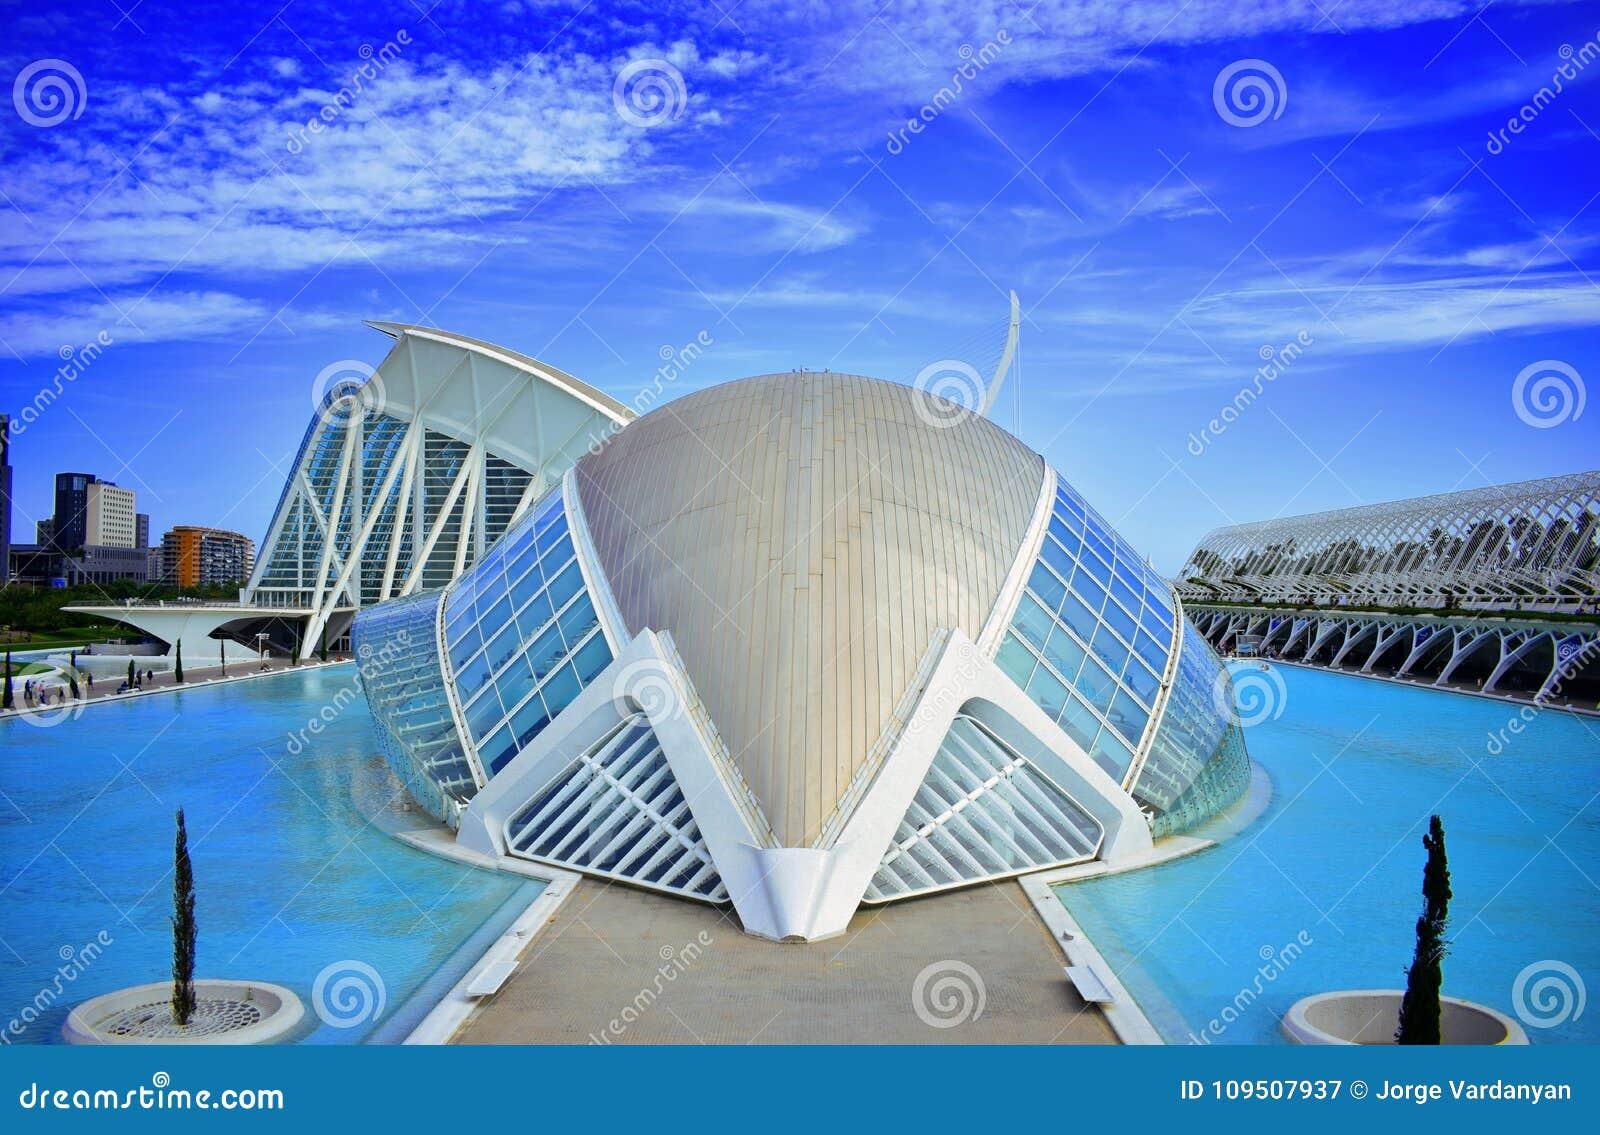 La Spagna, nuova Valencia, Santiago Calatrava, città delle scienze e delle arti, hemisferic, arte, nuova architettura